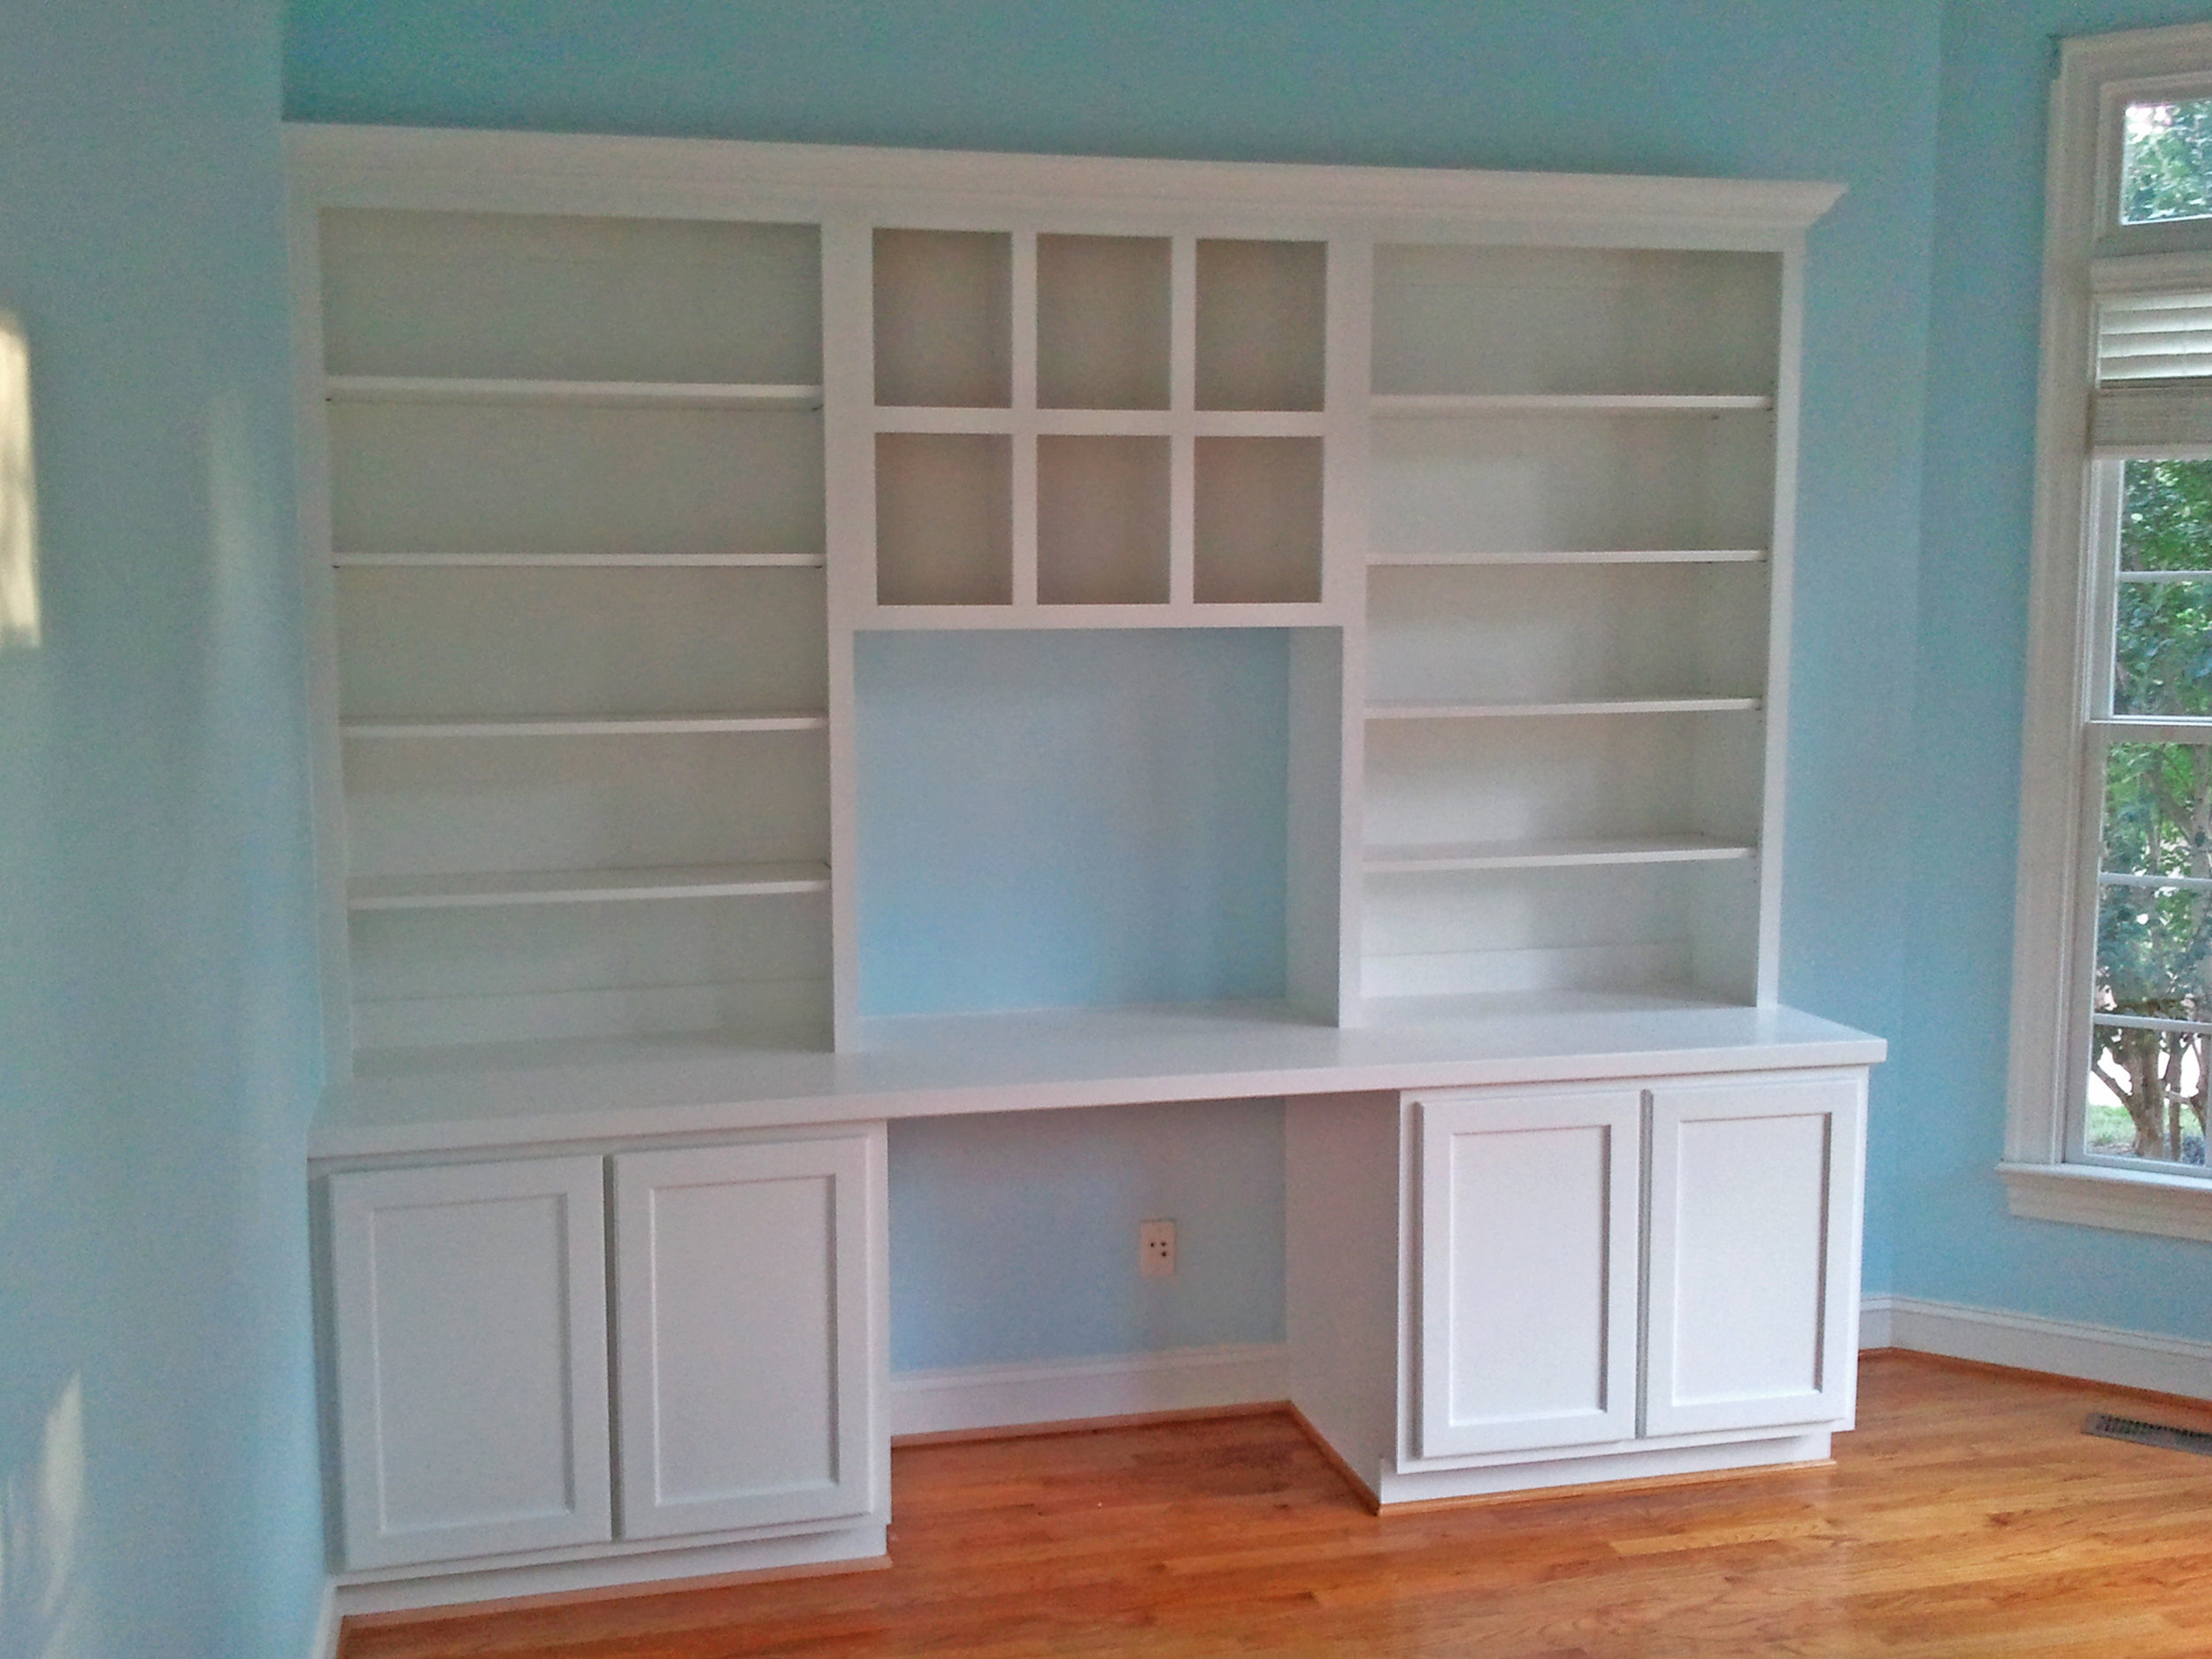 Custom Desk with Shaker Doors, Upper Cubbies & Painted Countertop